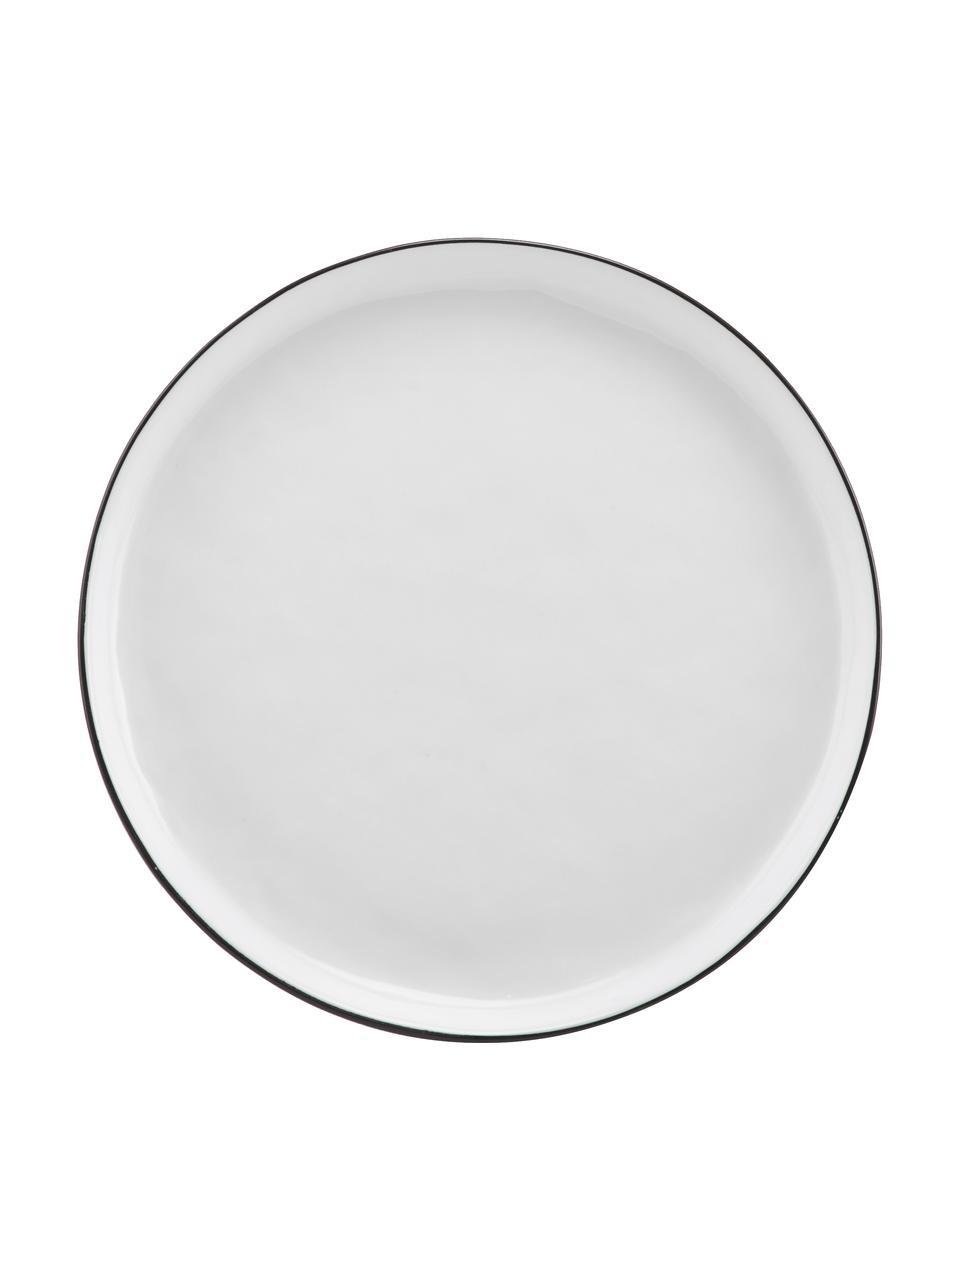 Handgemaakte bordenset Salt, 12-delig, Porselein, Gebroken wit, zwart, Set met verschillende formaten